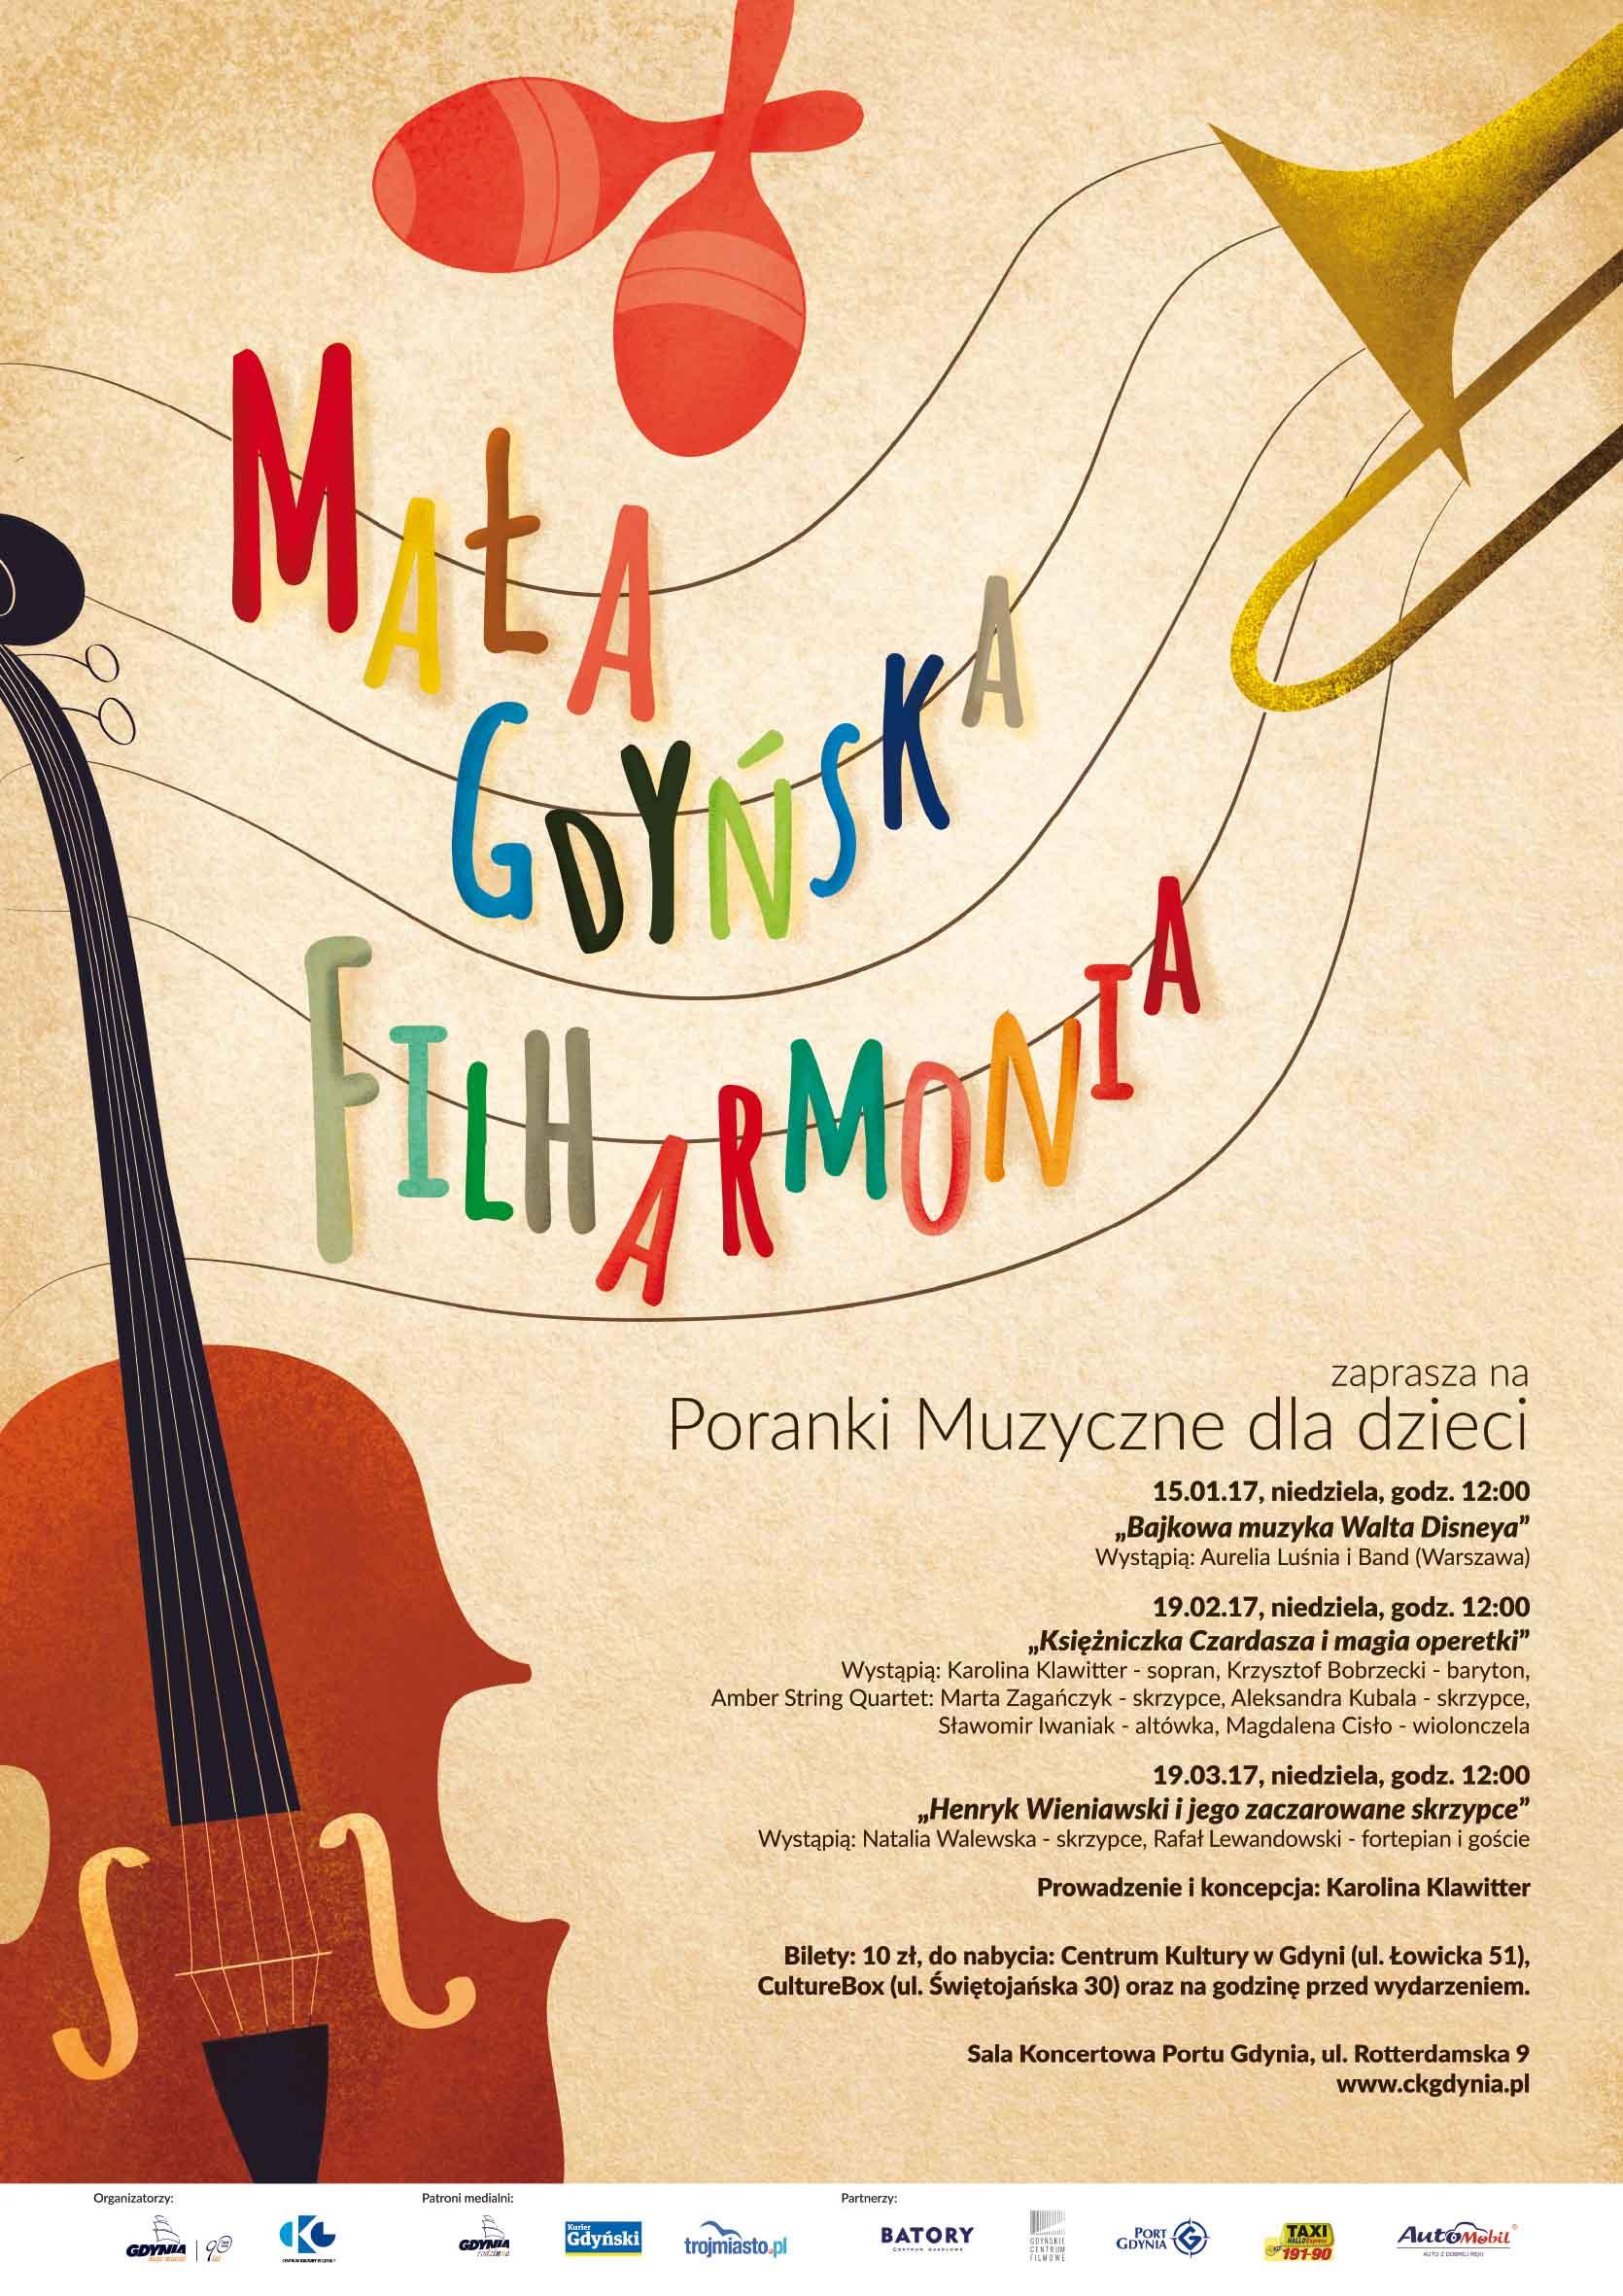 """Mała Gdyńska Filharmonia """"Henryk Wieniawski i jego zaczarowane skrzypce"""""""